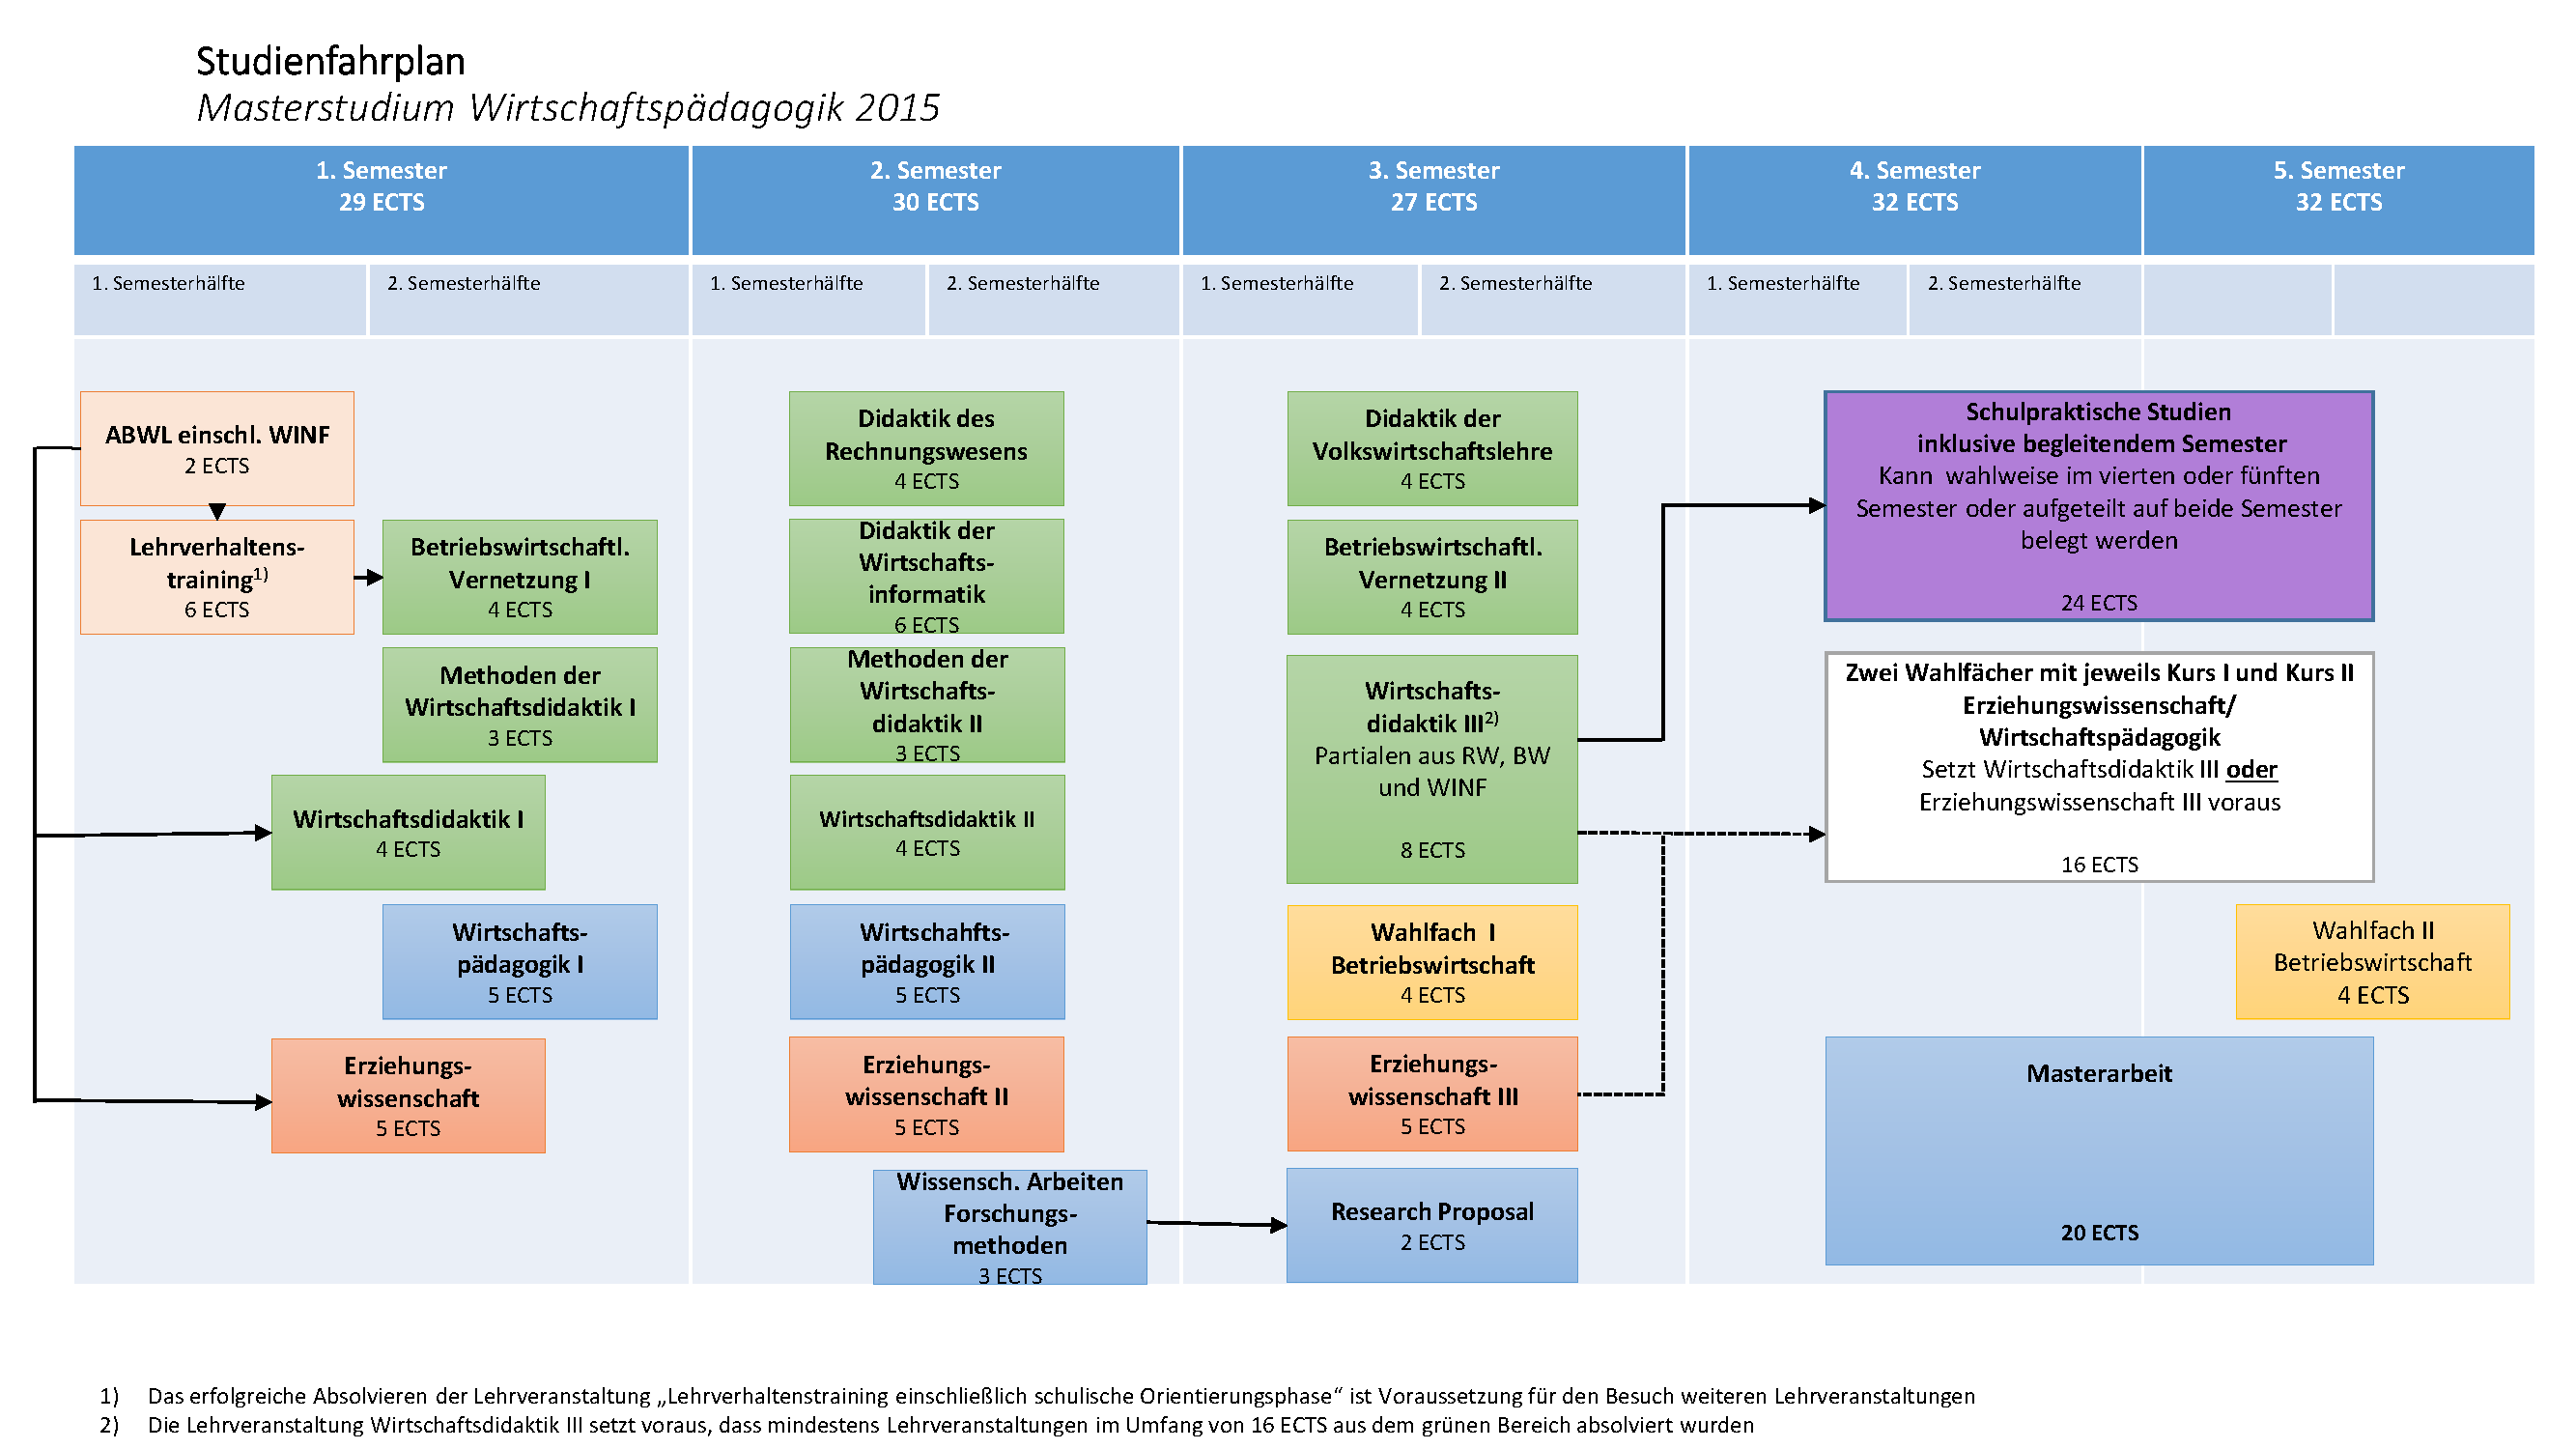 Studienaufbau & -inhalte - Wirtschaftspädagogik - WU Wien